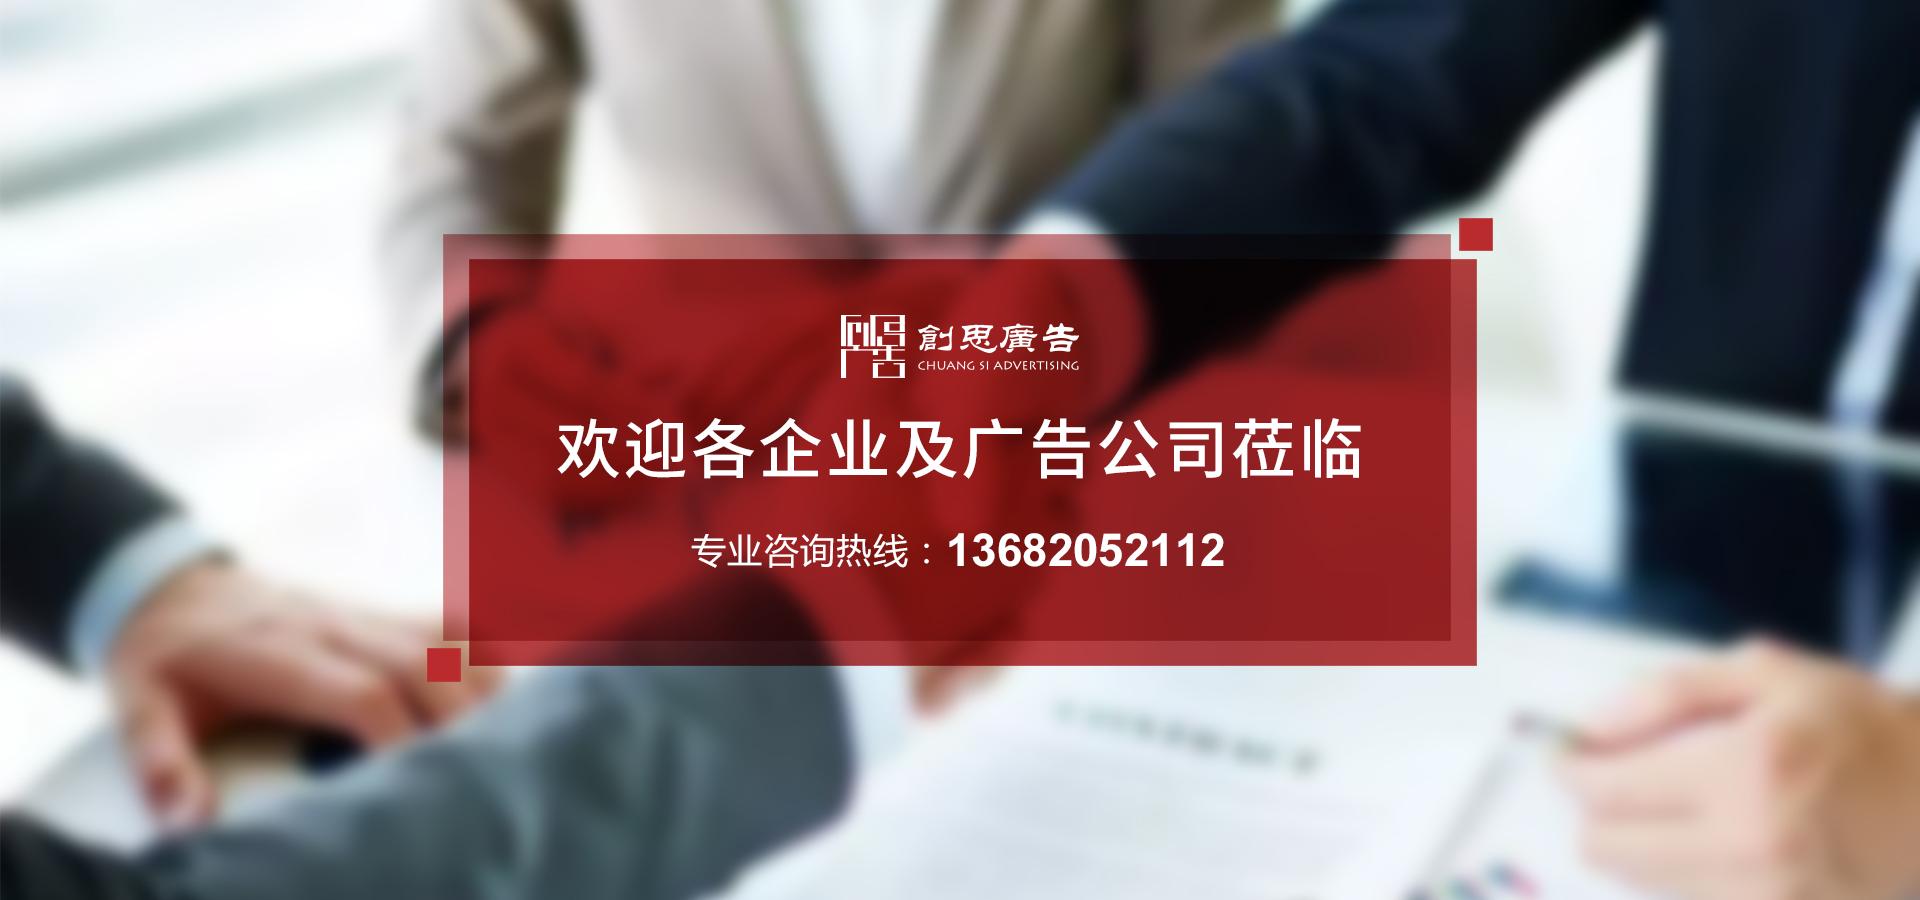 天津广告设计公司